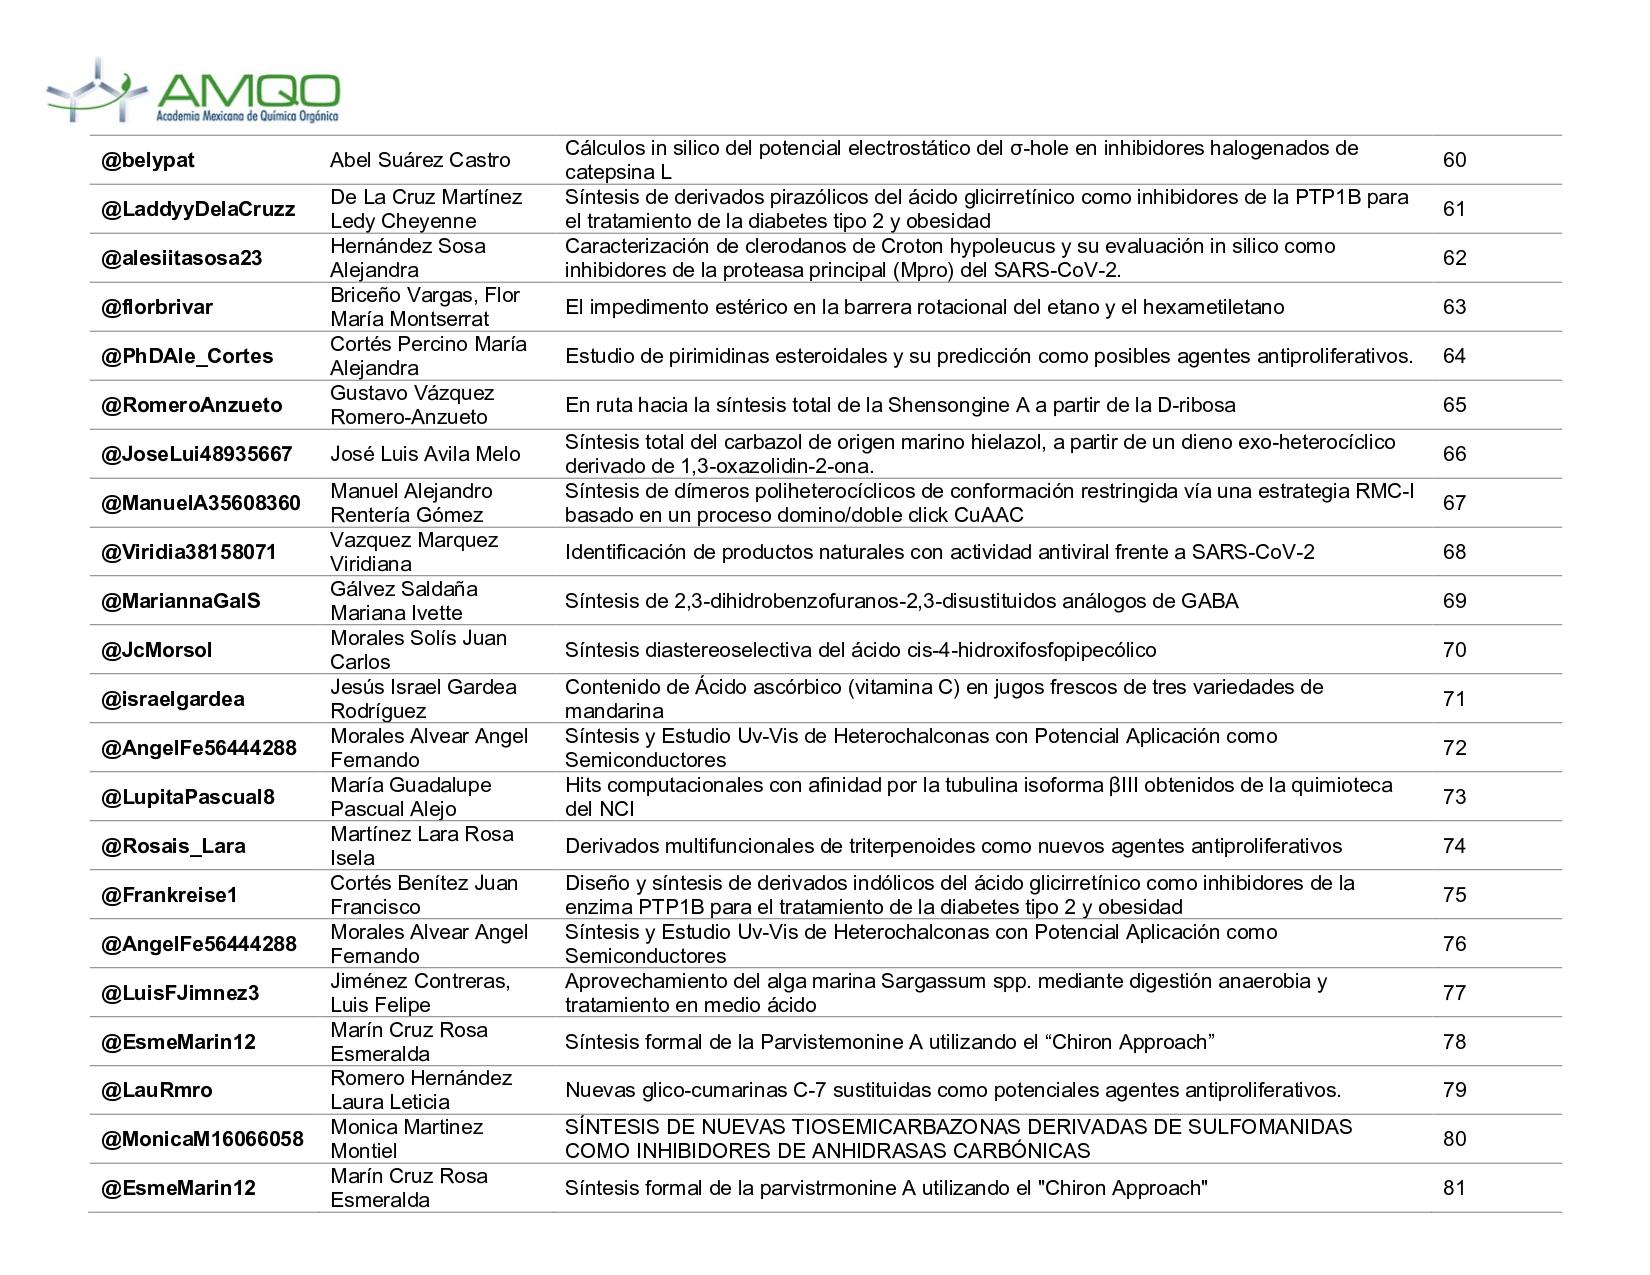 Lista de carteles XVI AMQO_pages-to-jpg-0004